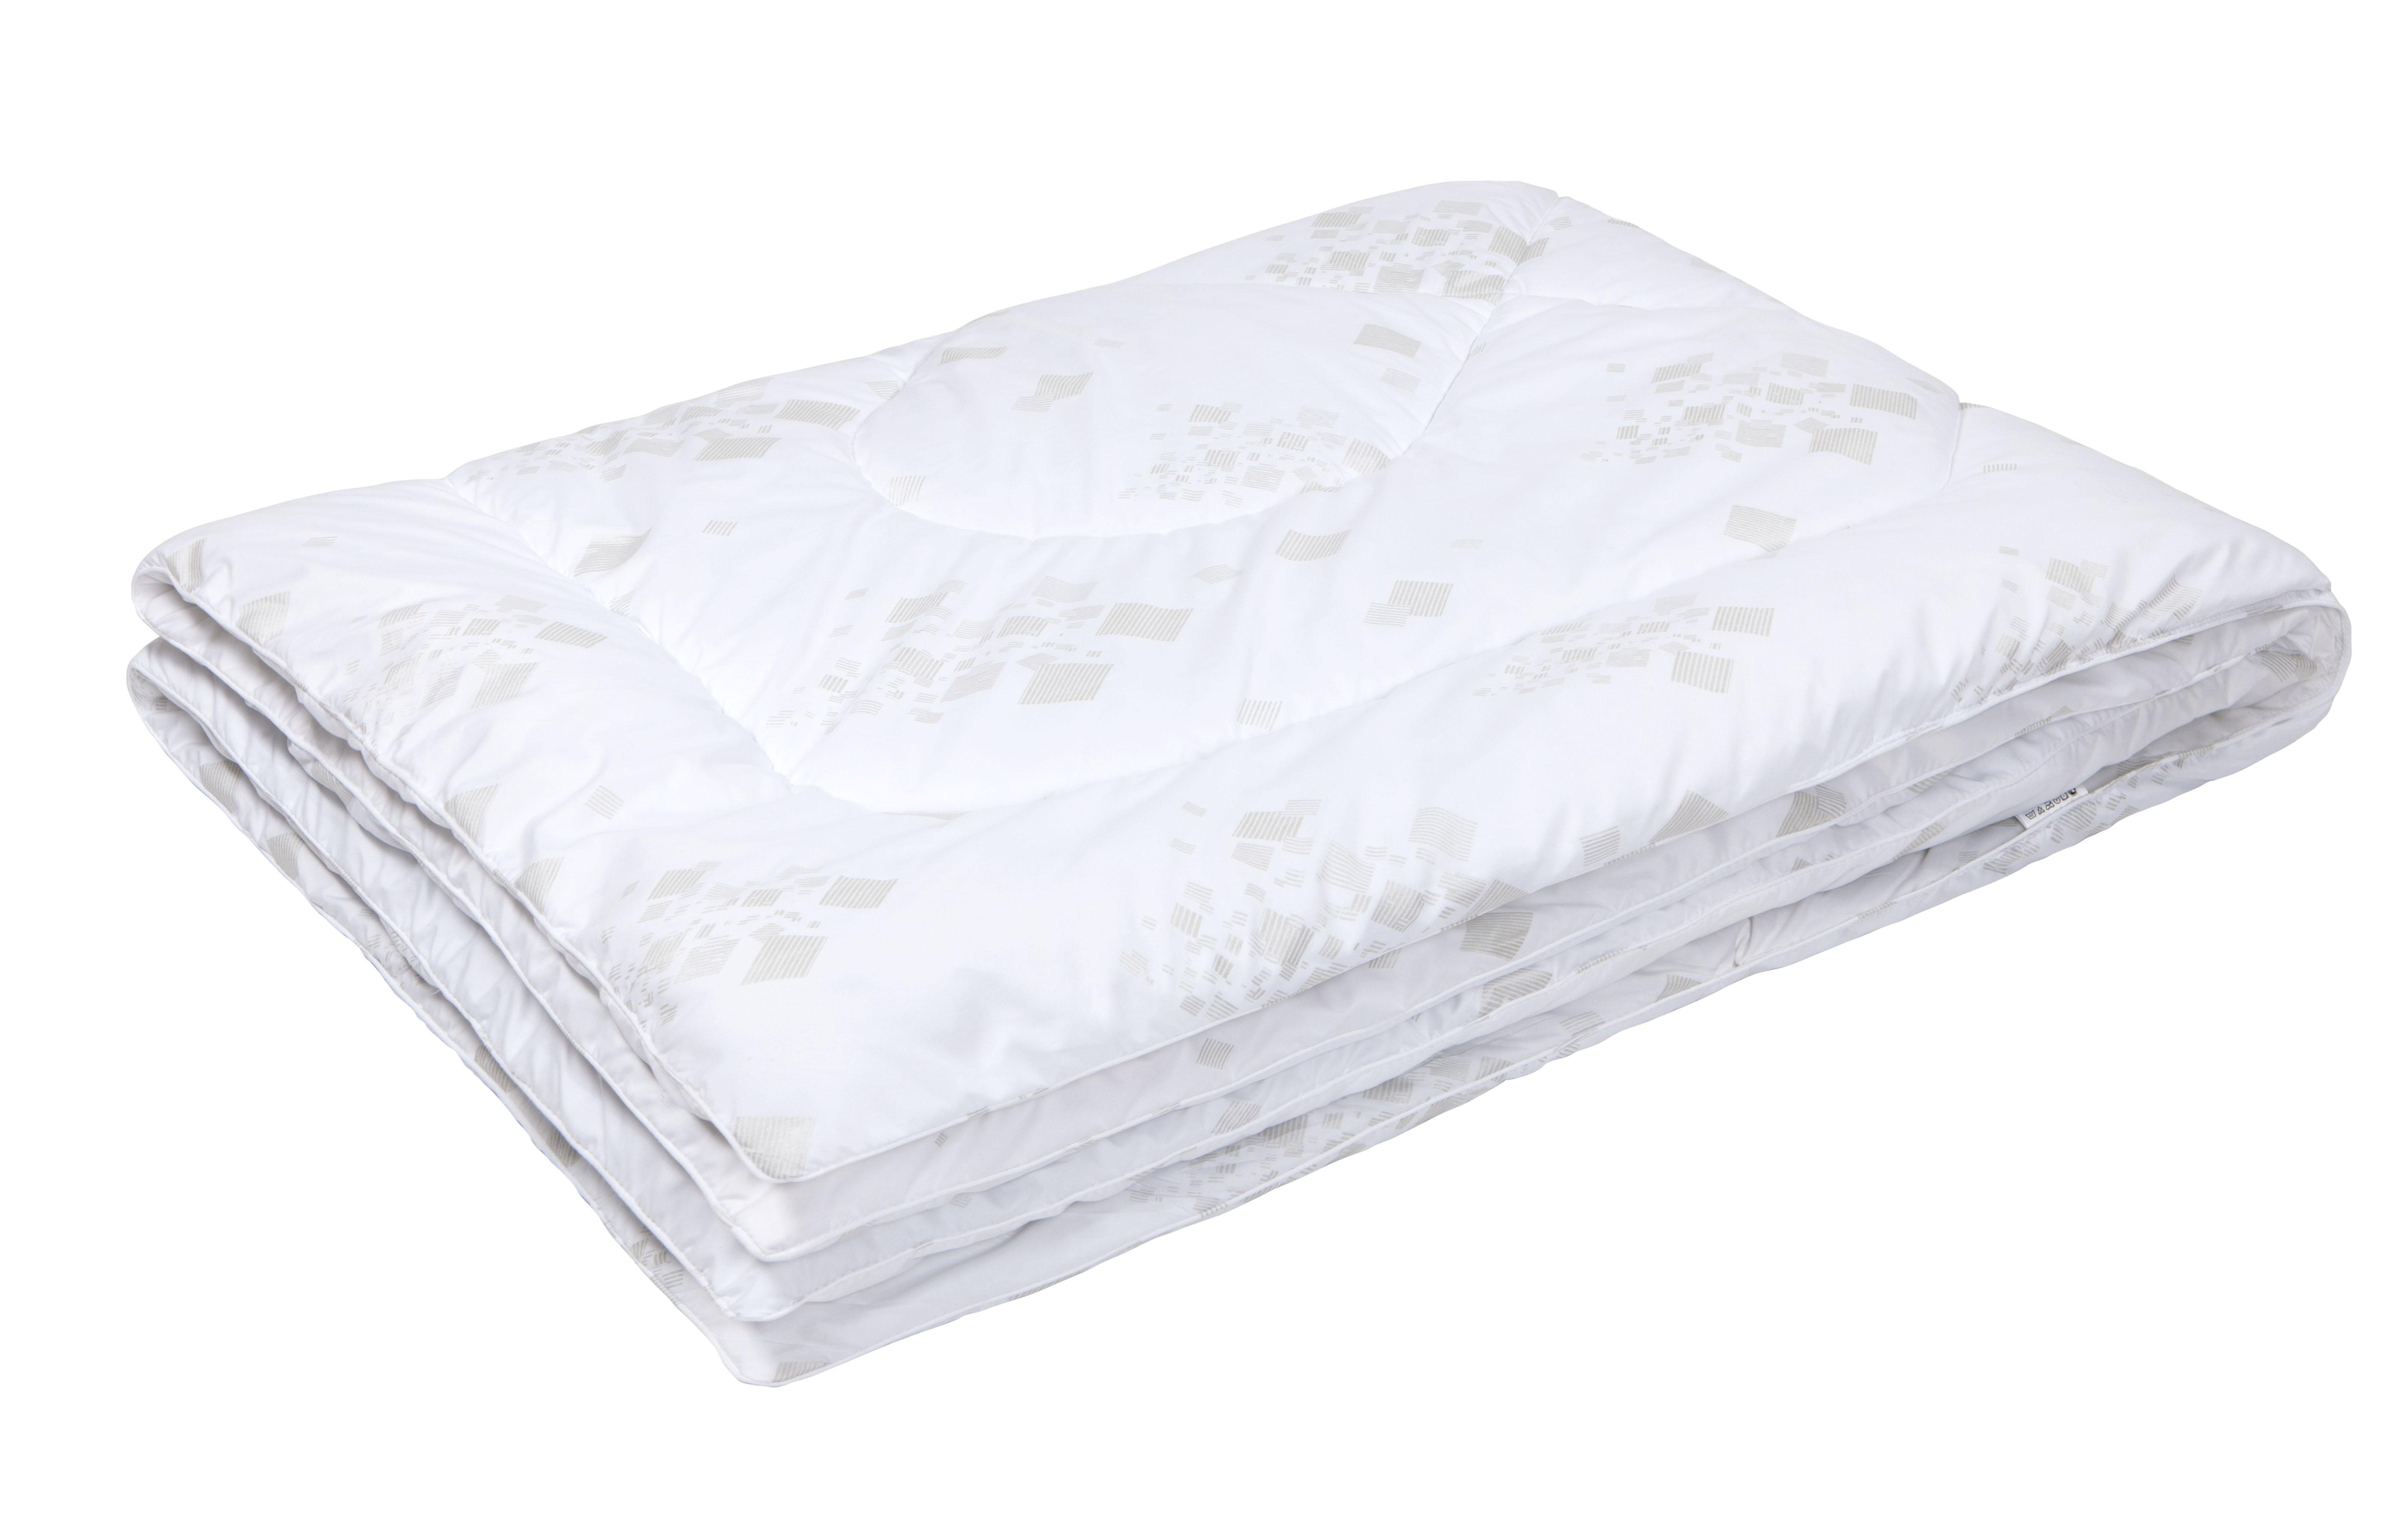 Одеяло  Файбер-Комфорт  облегченное 140*205 распродажа